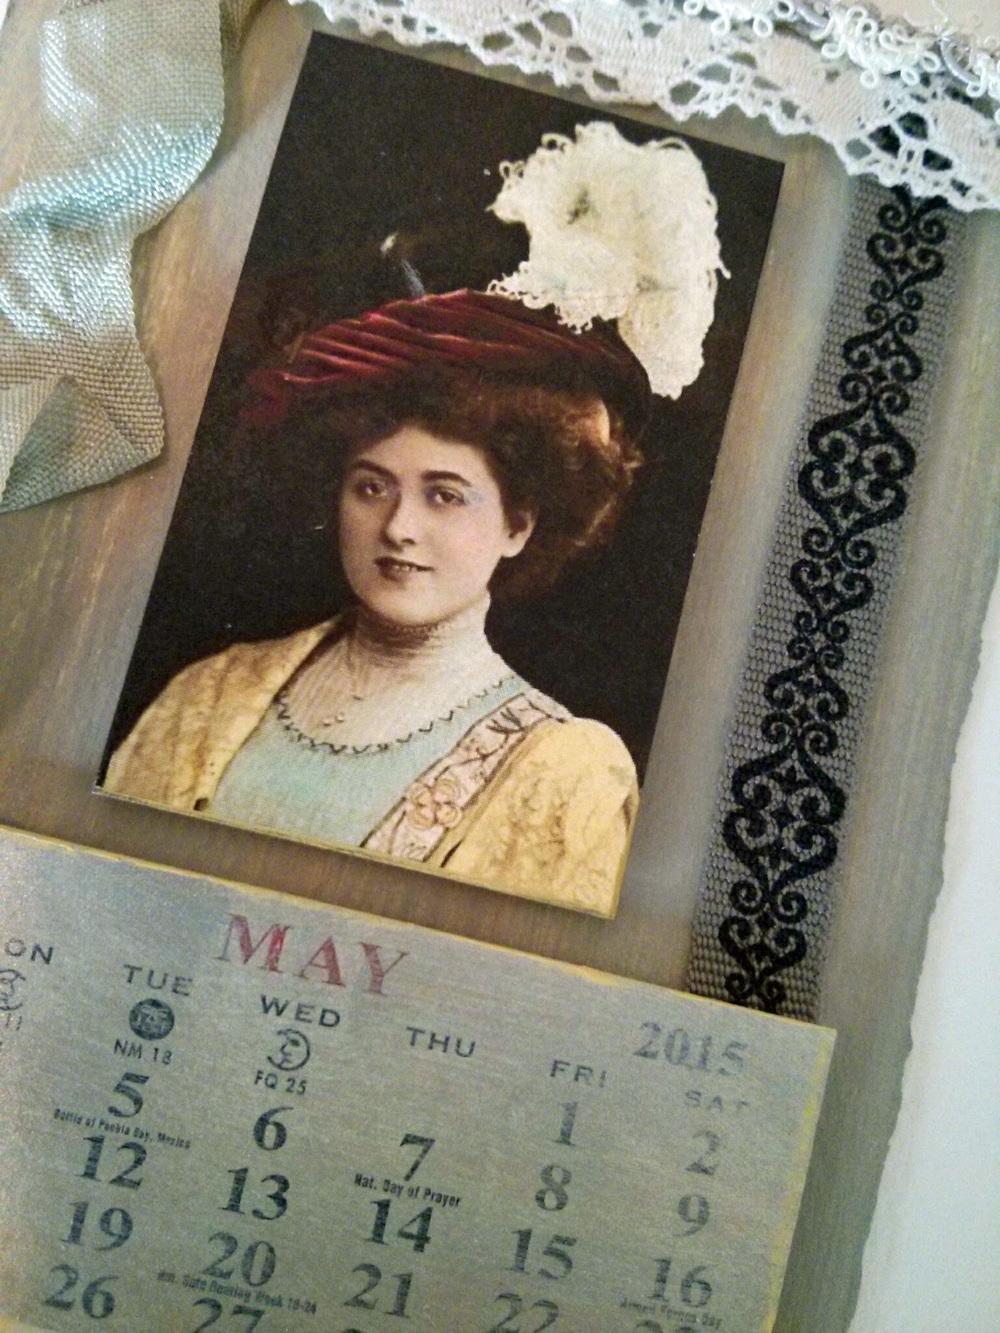 marns card  1 4 26 15.jpg